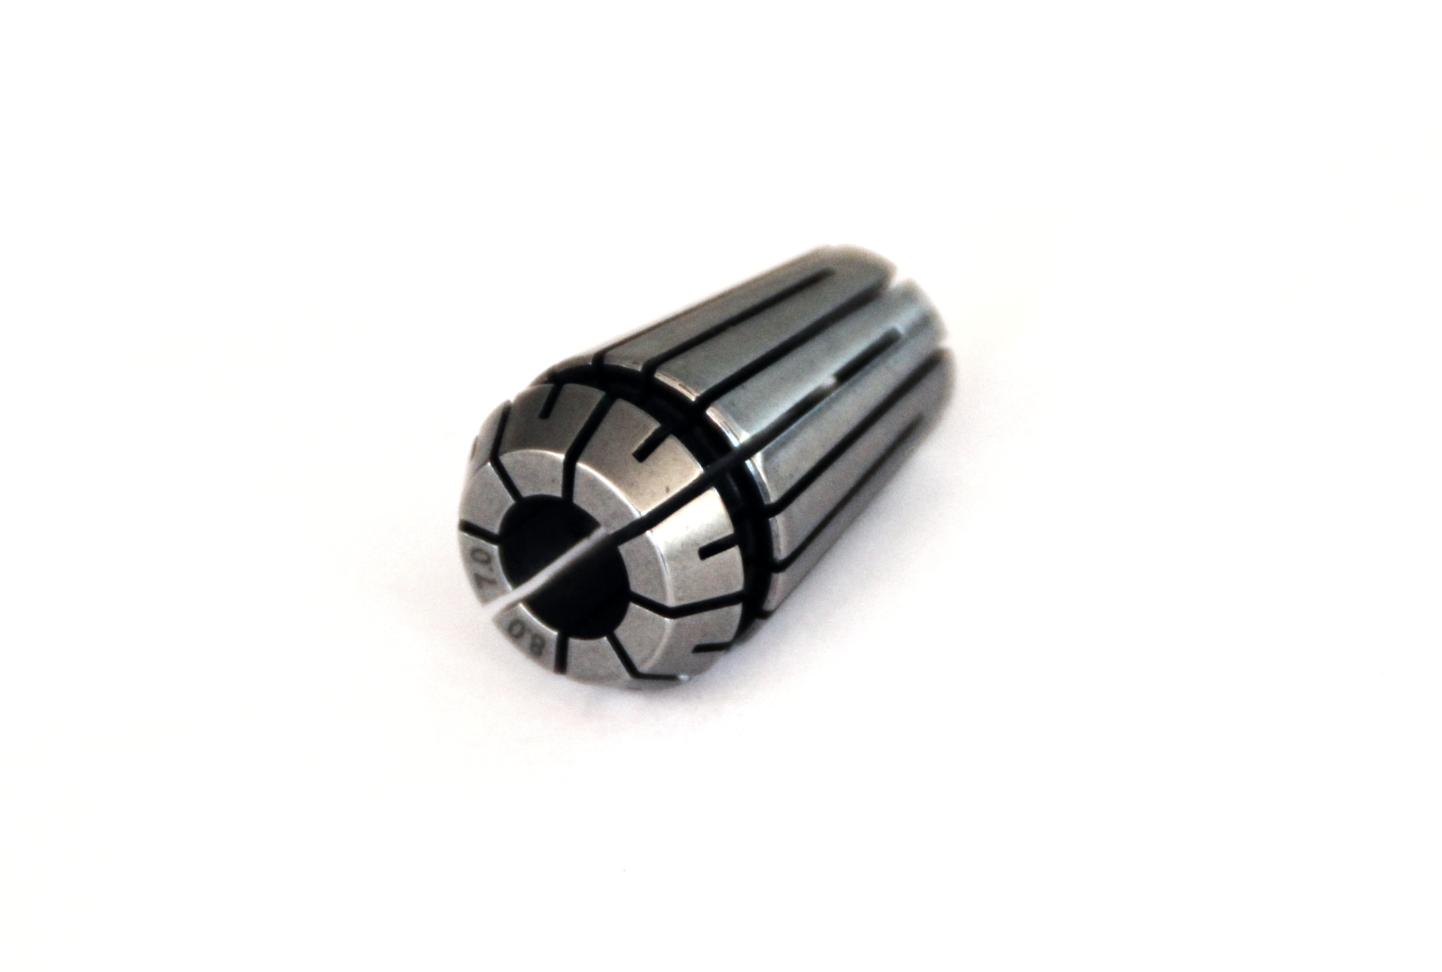 Spannzange ER32 470E DIN 6499 ISO 15488 B - verschiedene Durchmesser (A/B)